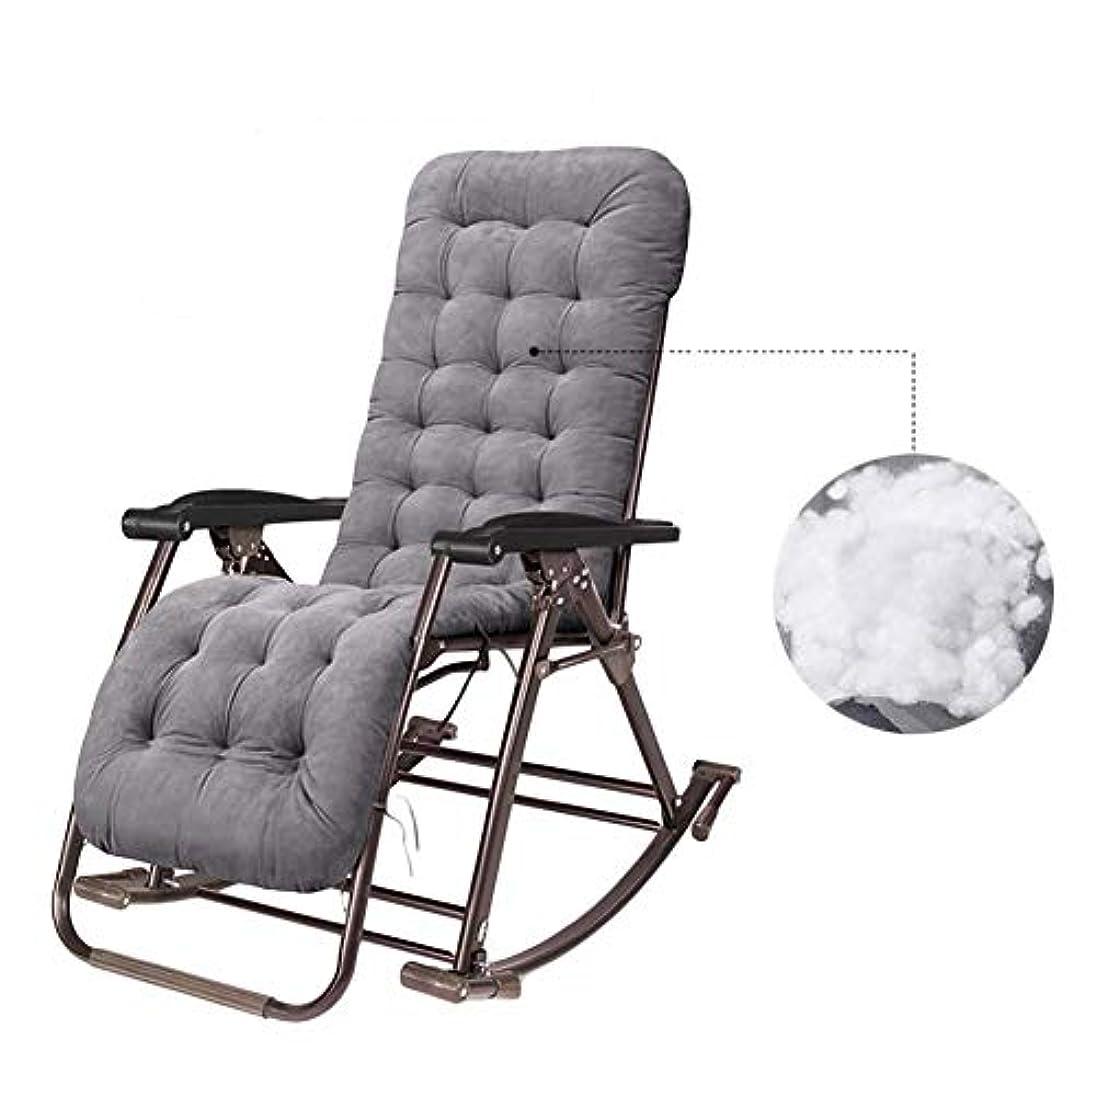 専制本会議報奨金クッションが付いている頑丈なテラスのロッカーの折るロッキングチェア、屋外の庭のデッキの芝生のための携帯用椅子、サポート200kg,B